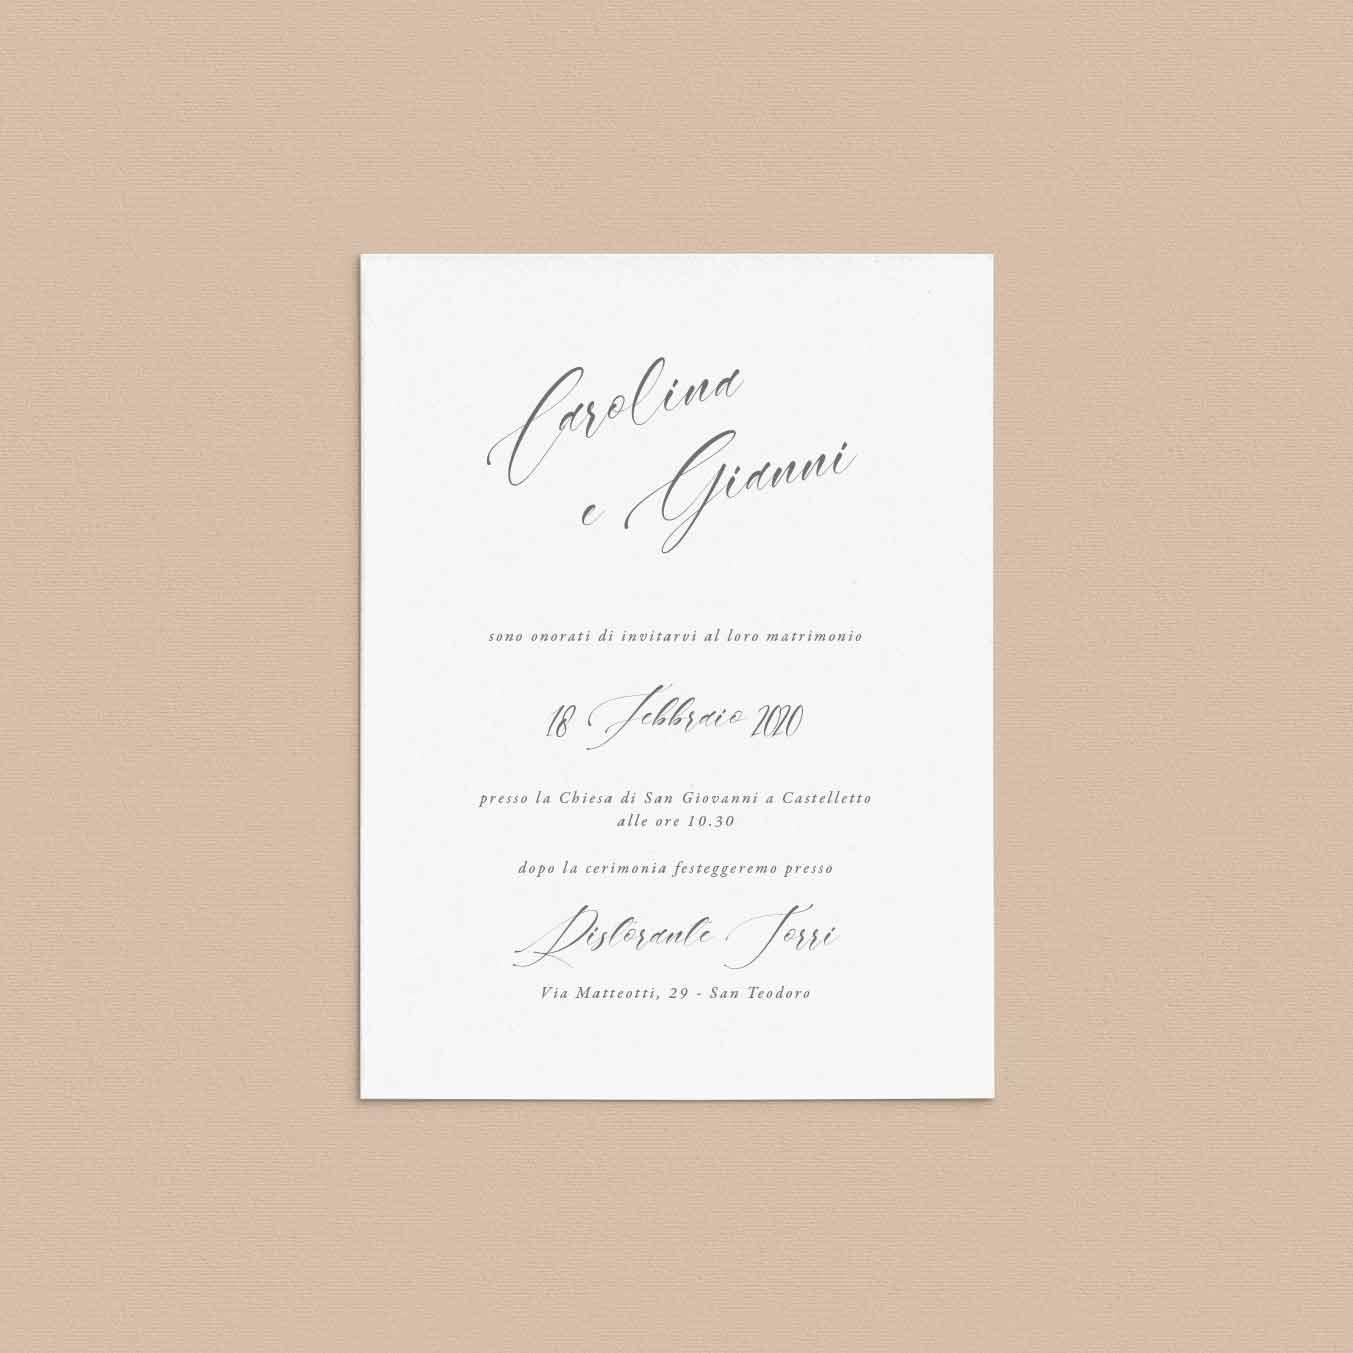 Iniviti-partecipazioni-Vintage-invitation-calligrafia-calligraphy-corsivo-elegante